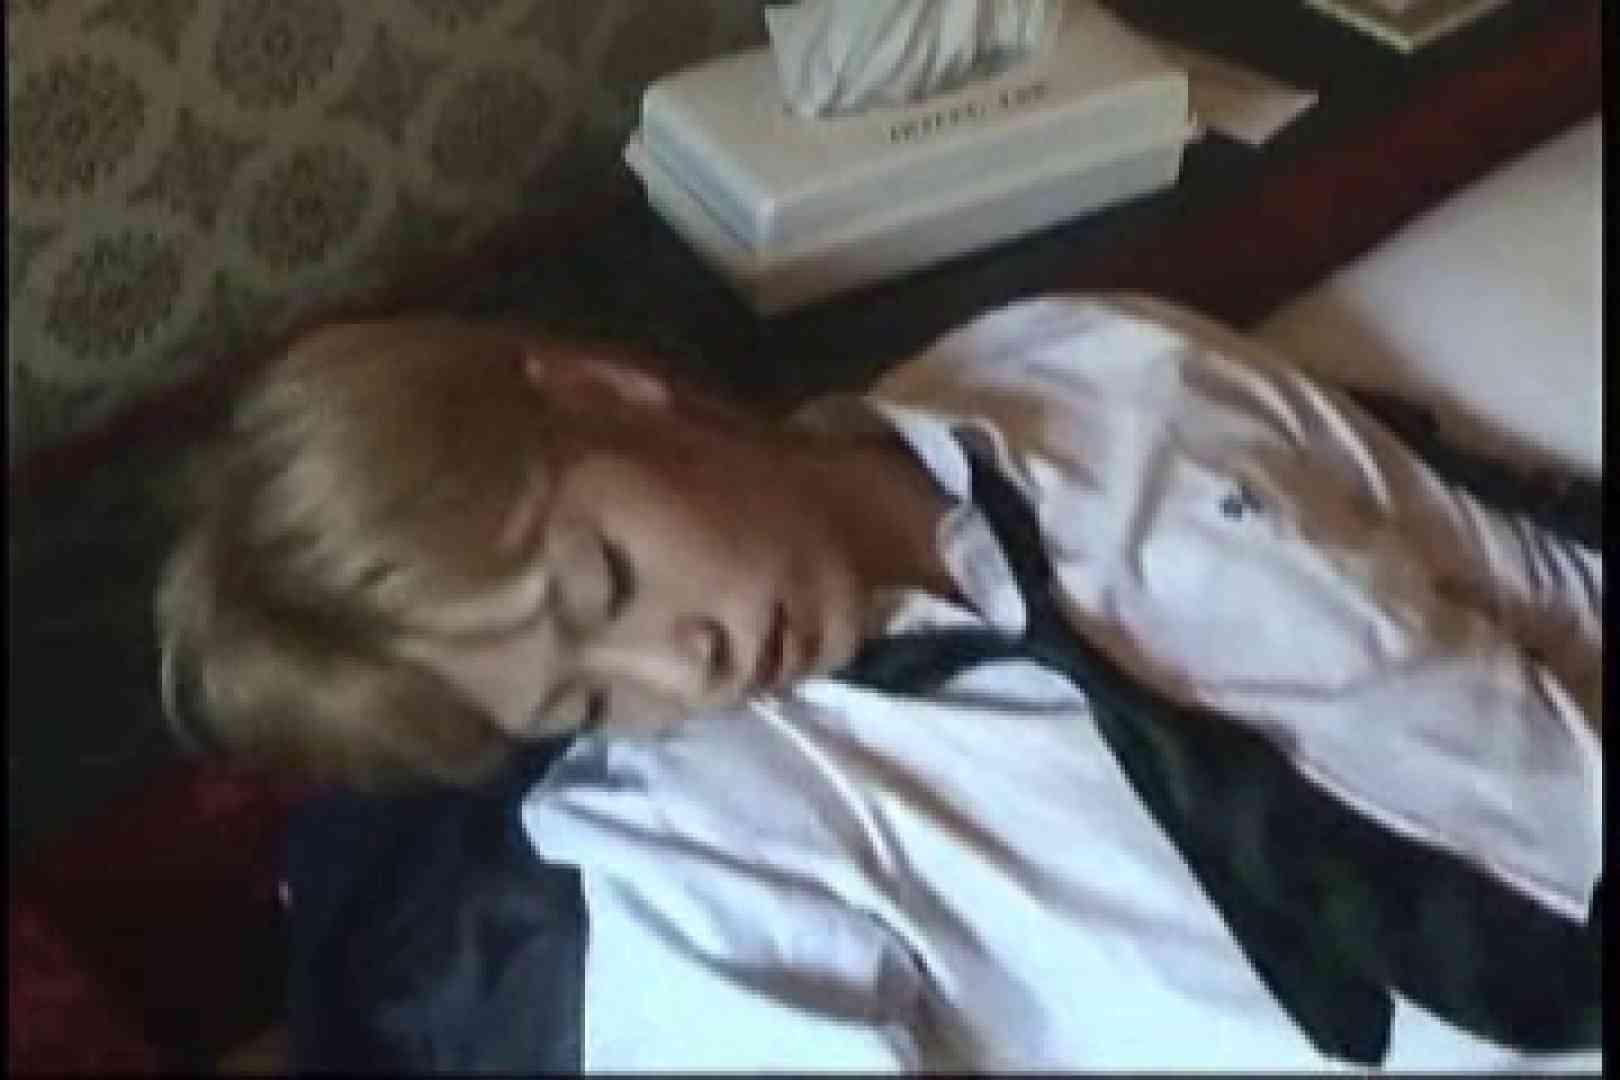 【流出】知られざる僕の秘密…vol.01 アナル責め ゲイエロ動画 97枚 13